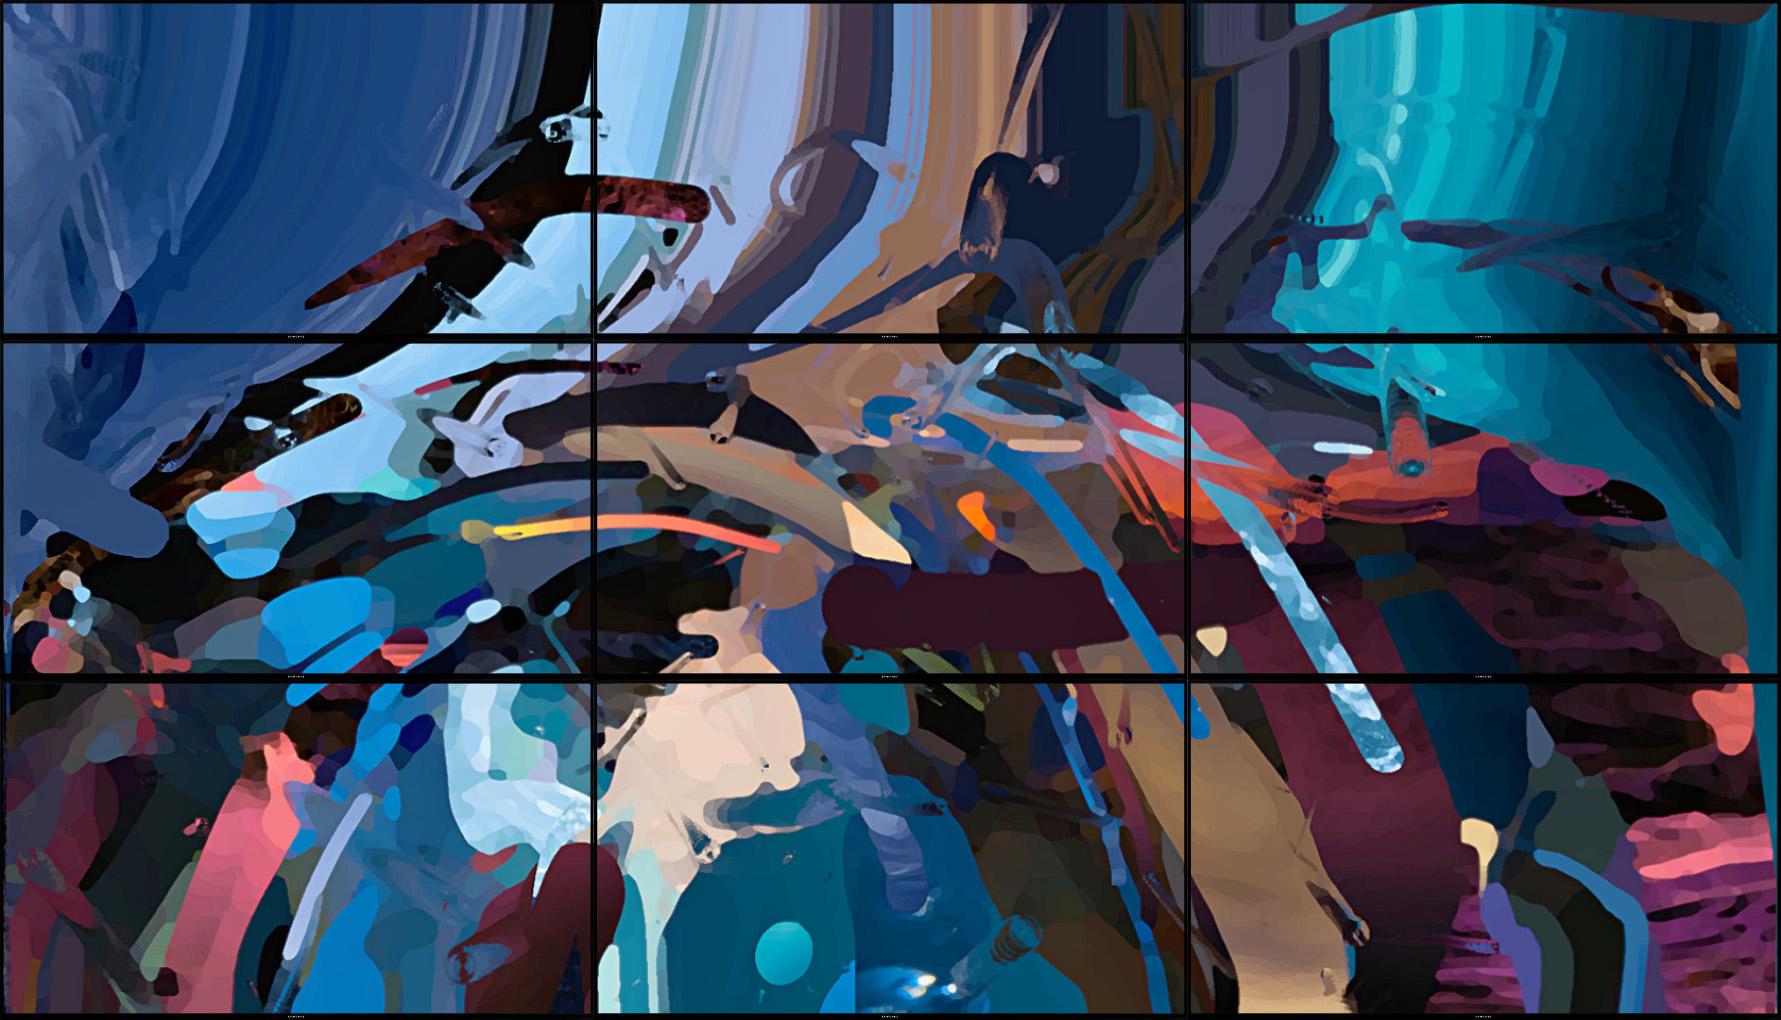 colorwheel 9_0001_cw_4.jpg